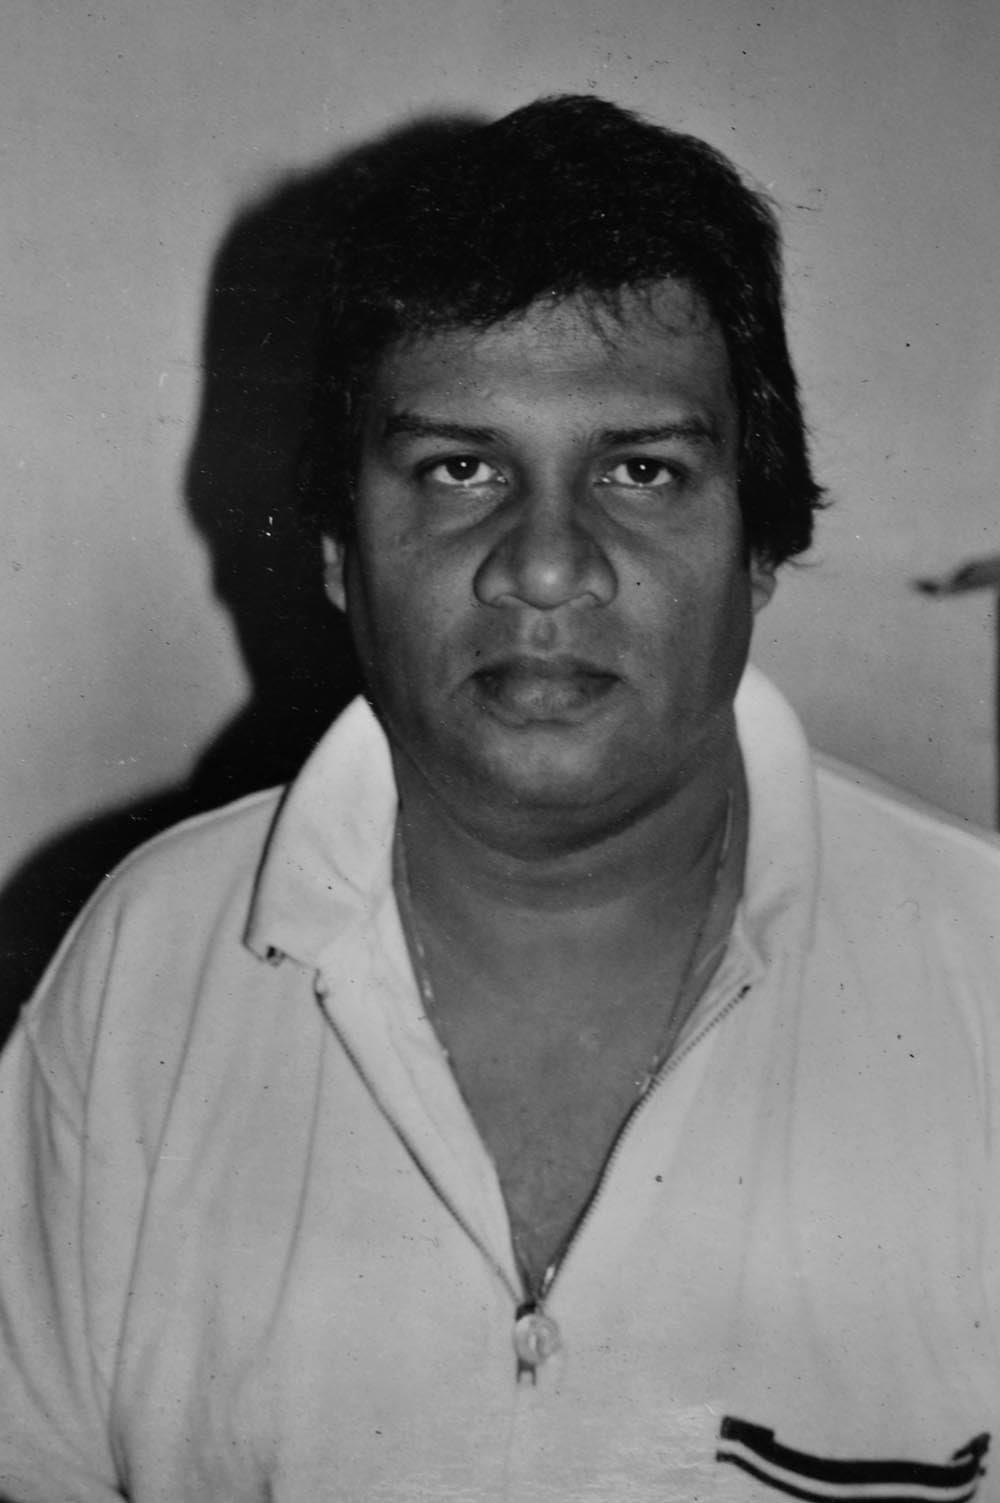 শিল্পী জামাল আহমেদ